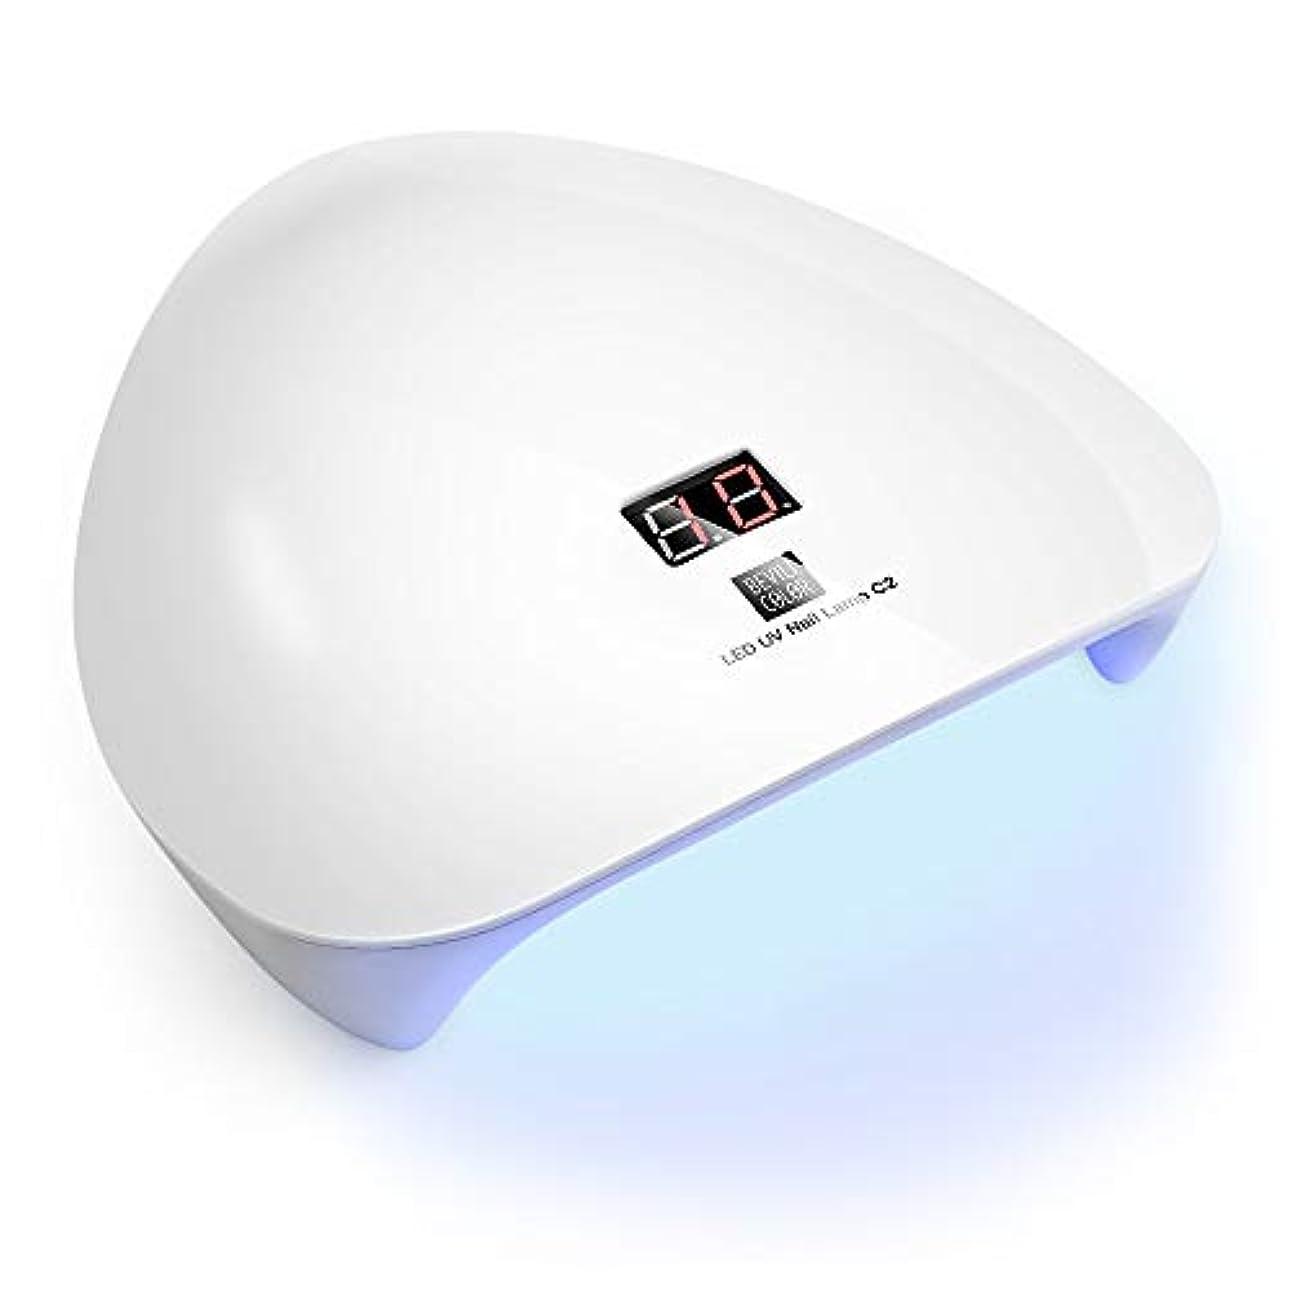 知り合いになる検閲聖なるWEVILI ネイル硬化用ライト UVライト LEDライト UVライトネイルドライヤー マニキュア用 LED ネイルドライヤー タイマー機能 自動センサー機能 レジン 便利 (45W 硬化用UVライト)